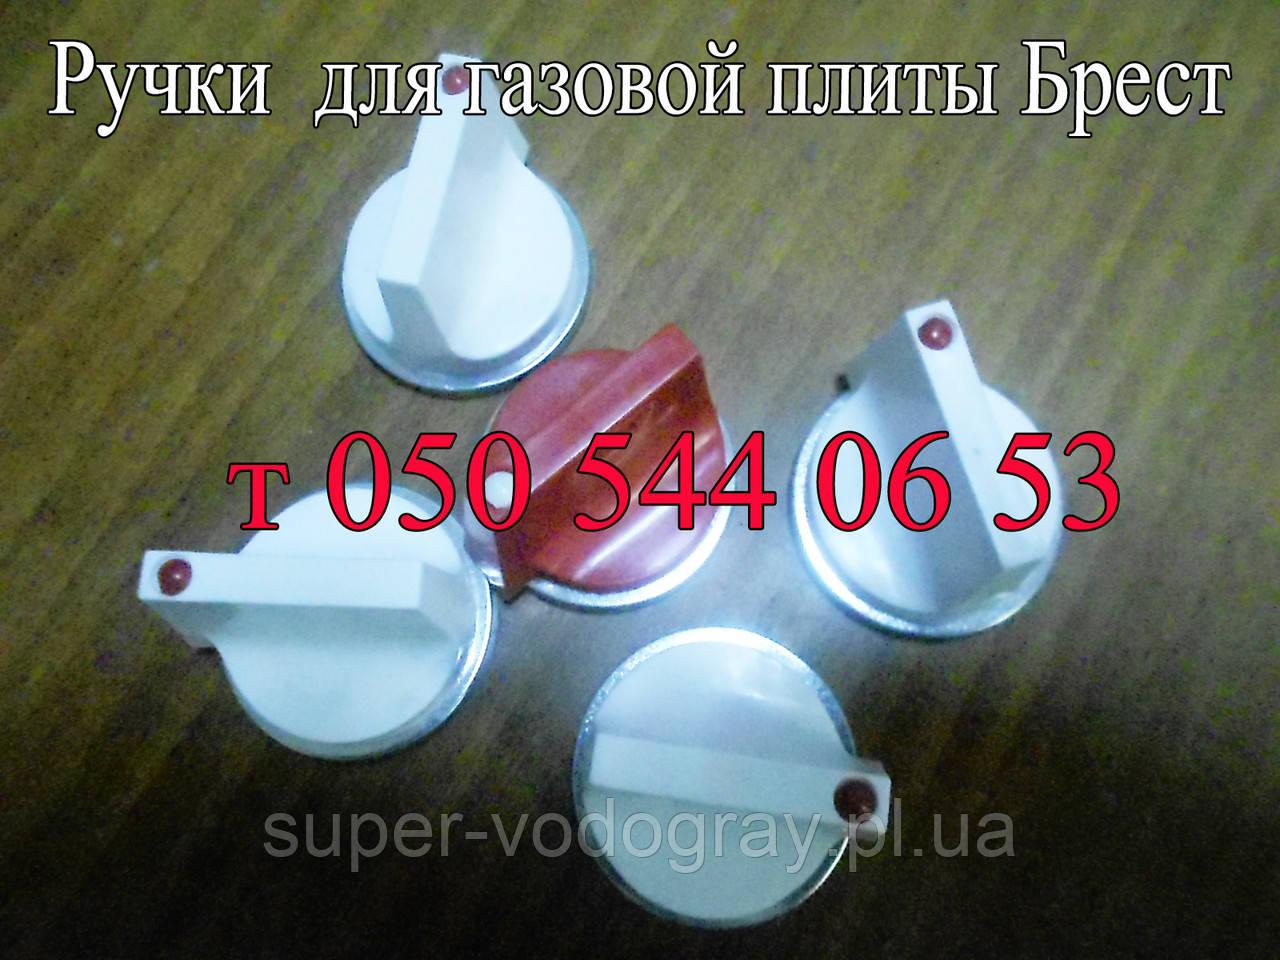 Ручки для газовой плиты Брест